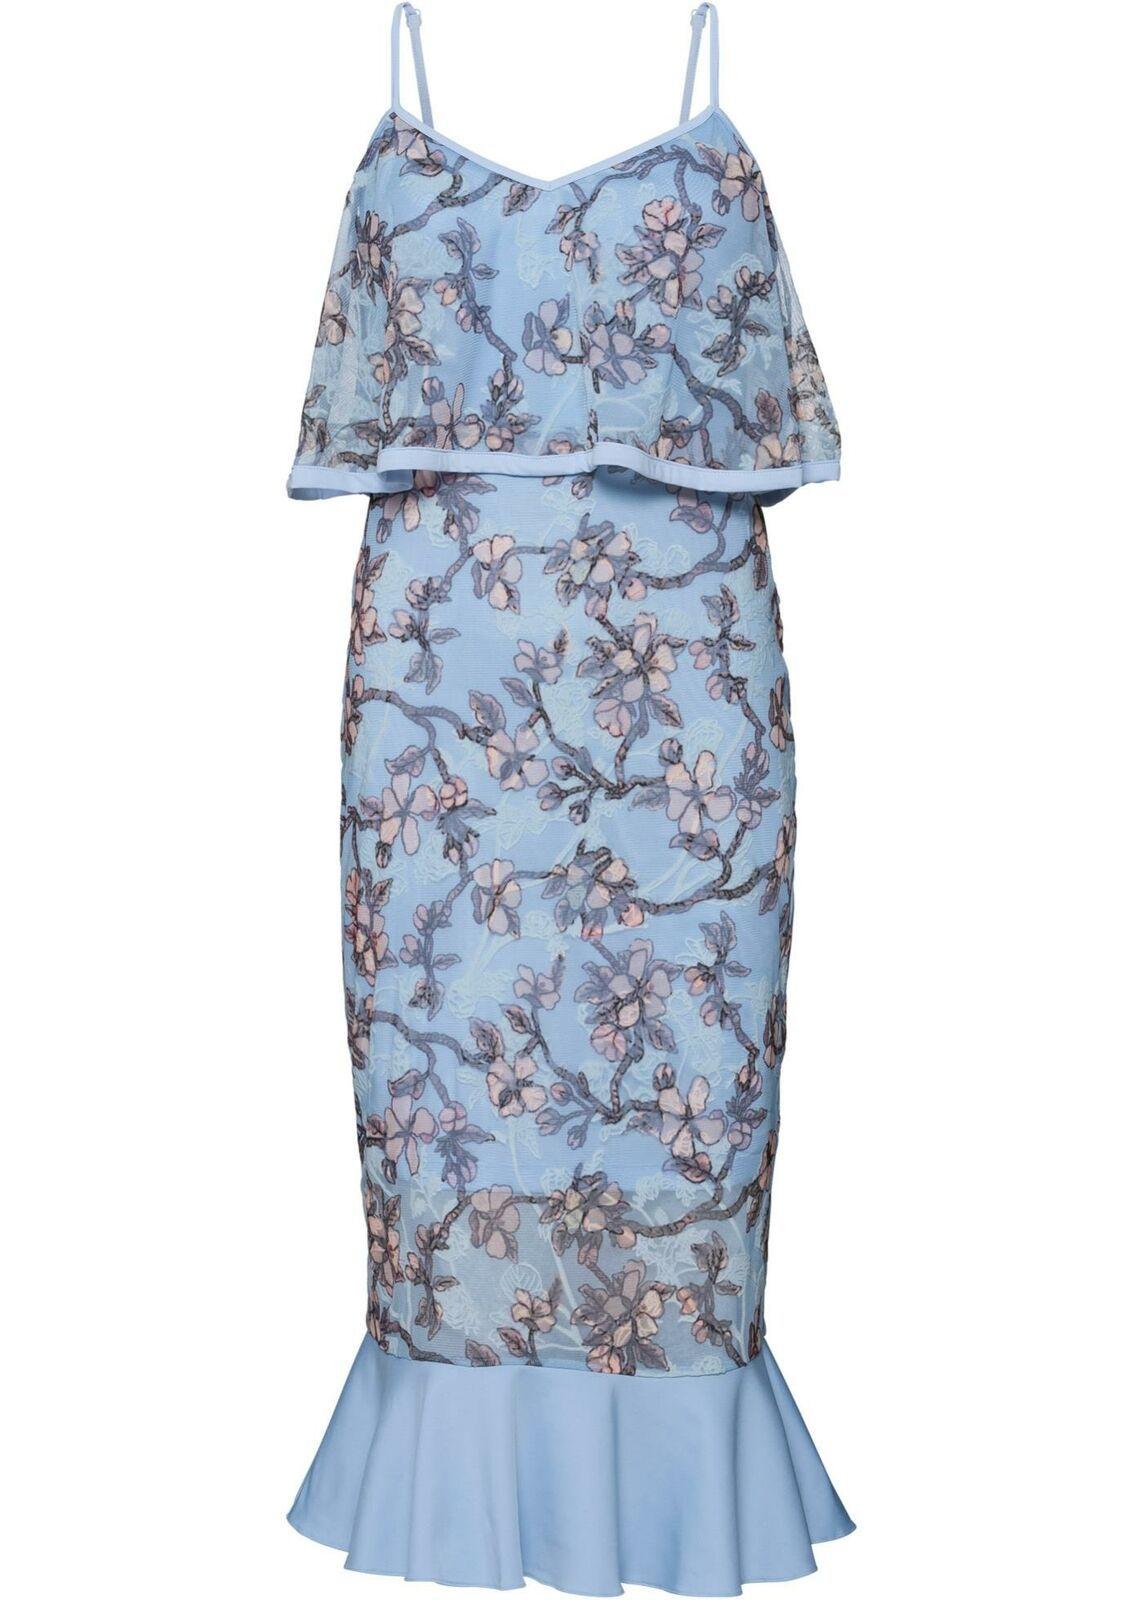 199-in-19-Kleid bestickt 190-193199 in Blau 3199/19 - Bestickte Kleider